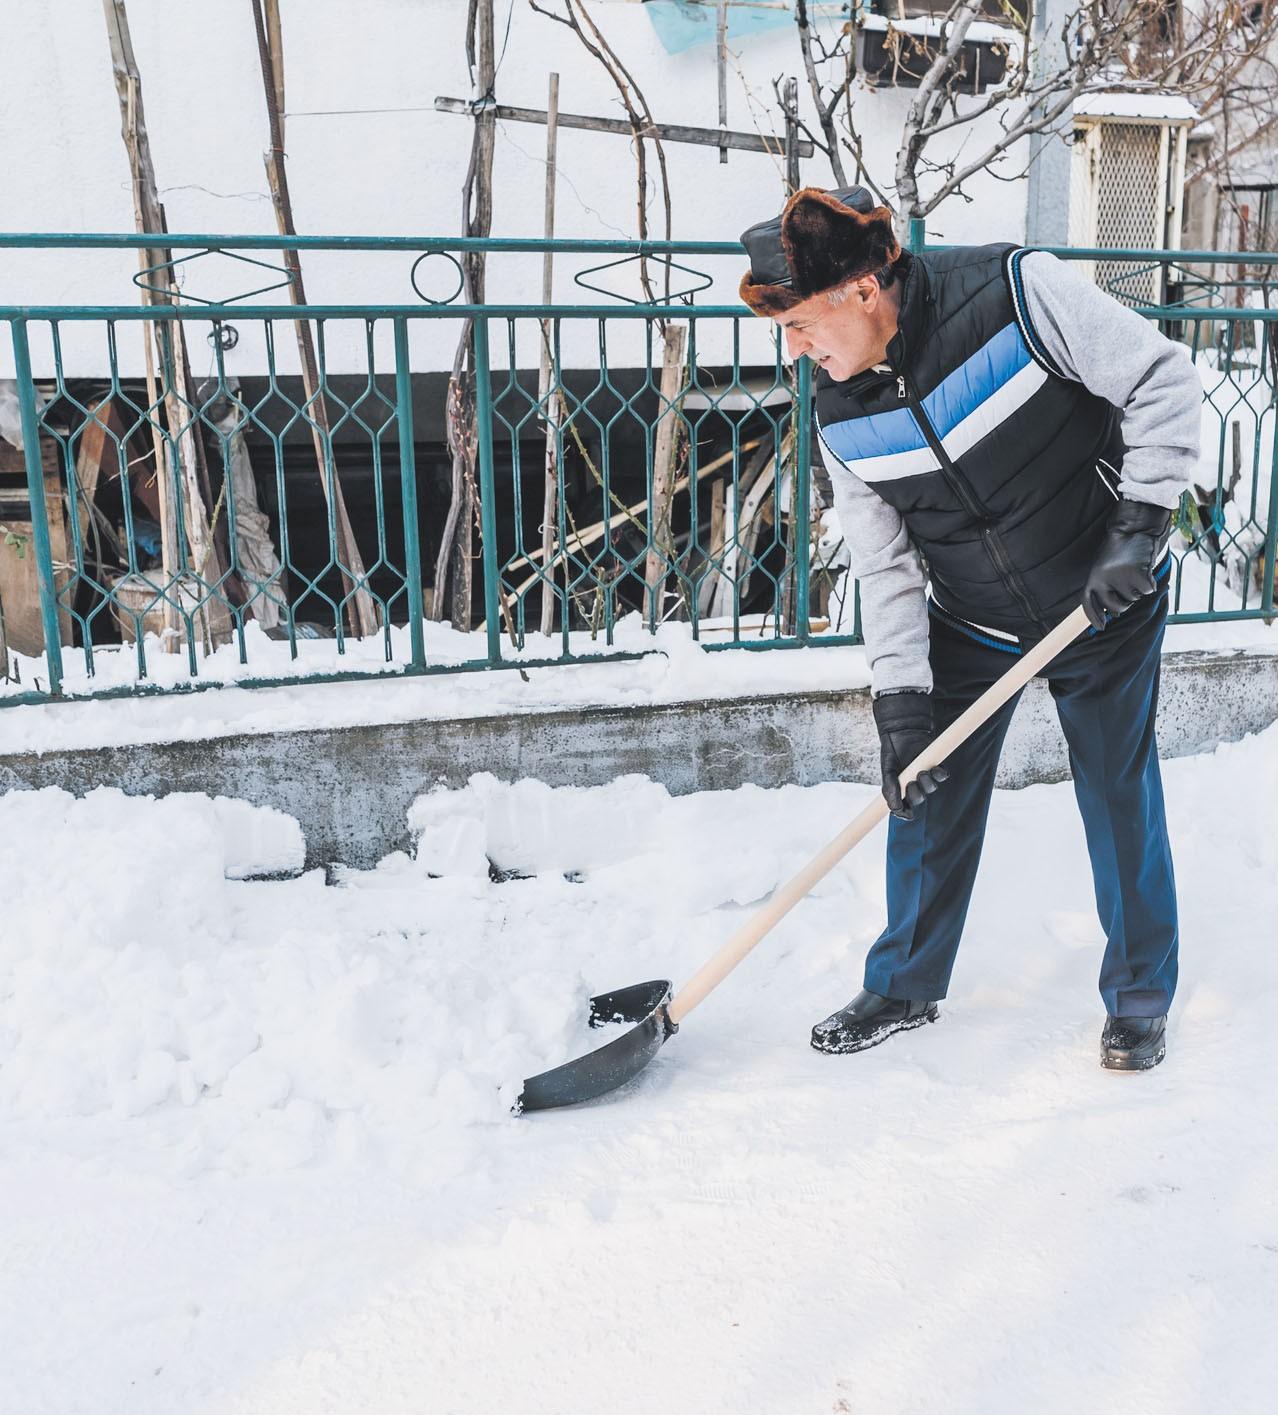 چرا حملات قلبی در زمستان شایع تر است